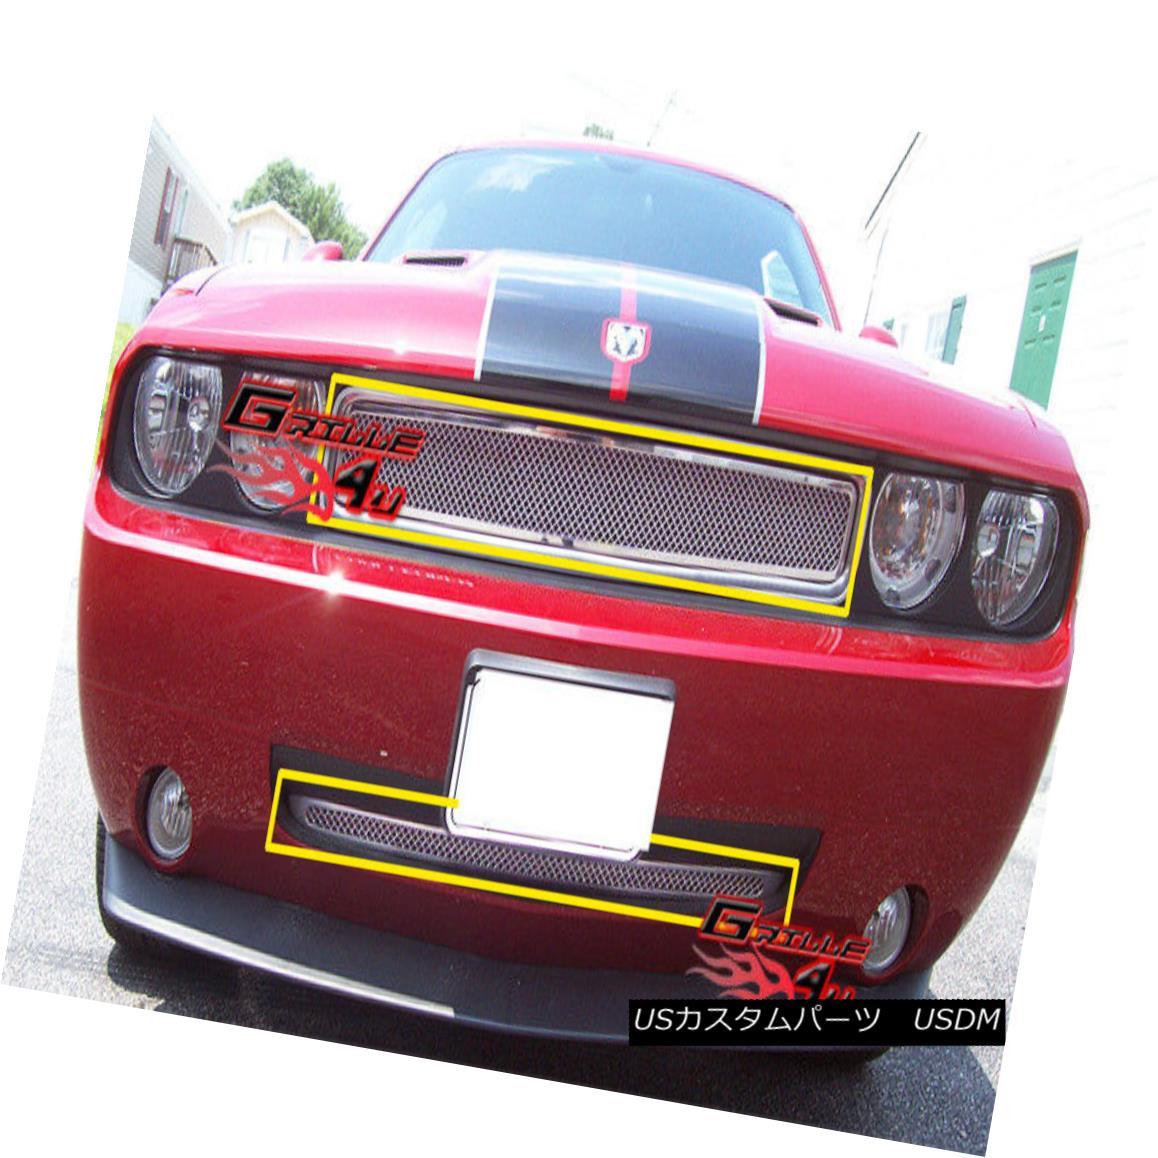 グリル Fits 2009-2010 Dodge Challenger Stainless Steel Mesh Grille Insert Combo フィット2009-2010ダッジチャレンジャーステンレスメッシュグリルインサートコンボ